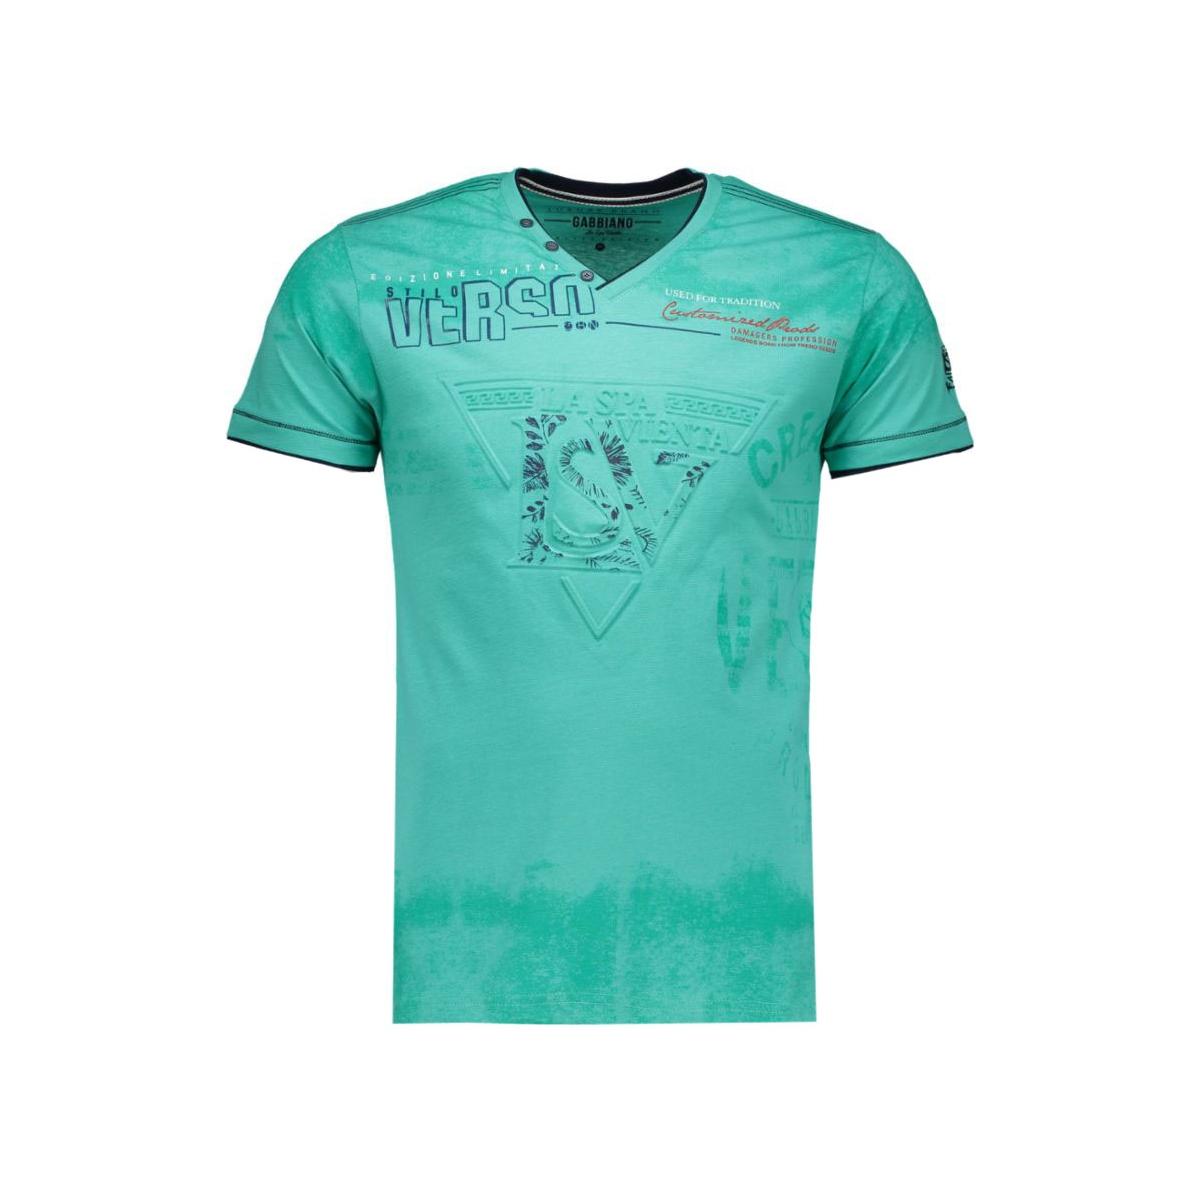 5247 gabbiano t-shirt mint